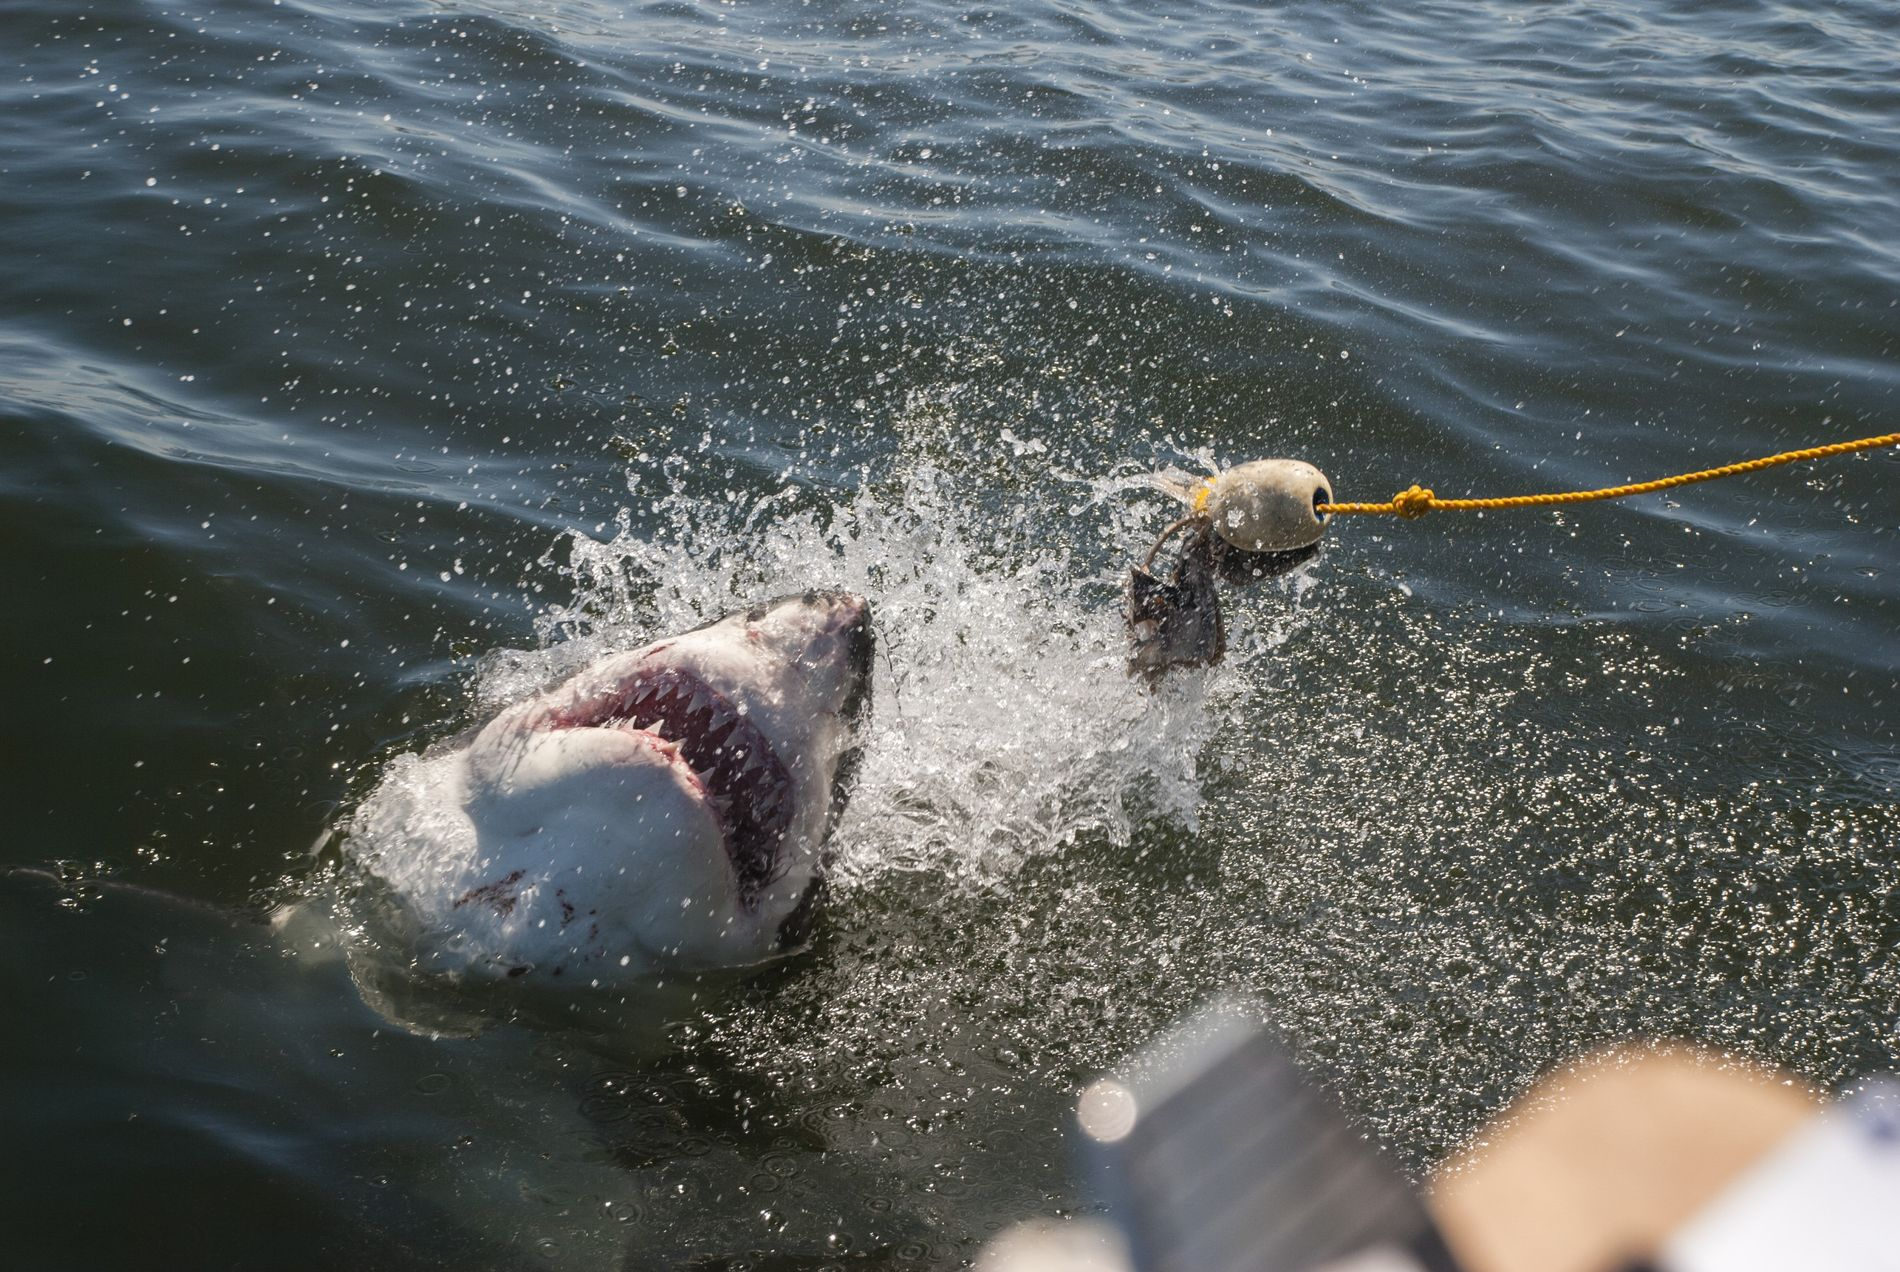 Le requin-taupe occupe une place importante dans la chaîne alimentaire. Sa disparition aurait des conséquences désastreuses, ...